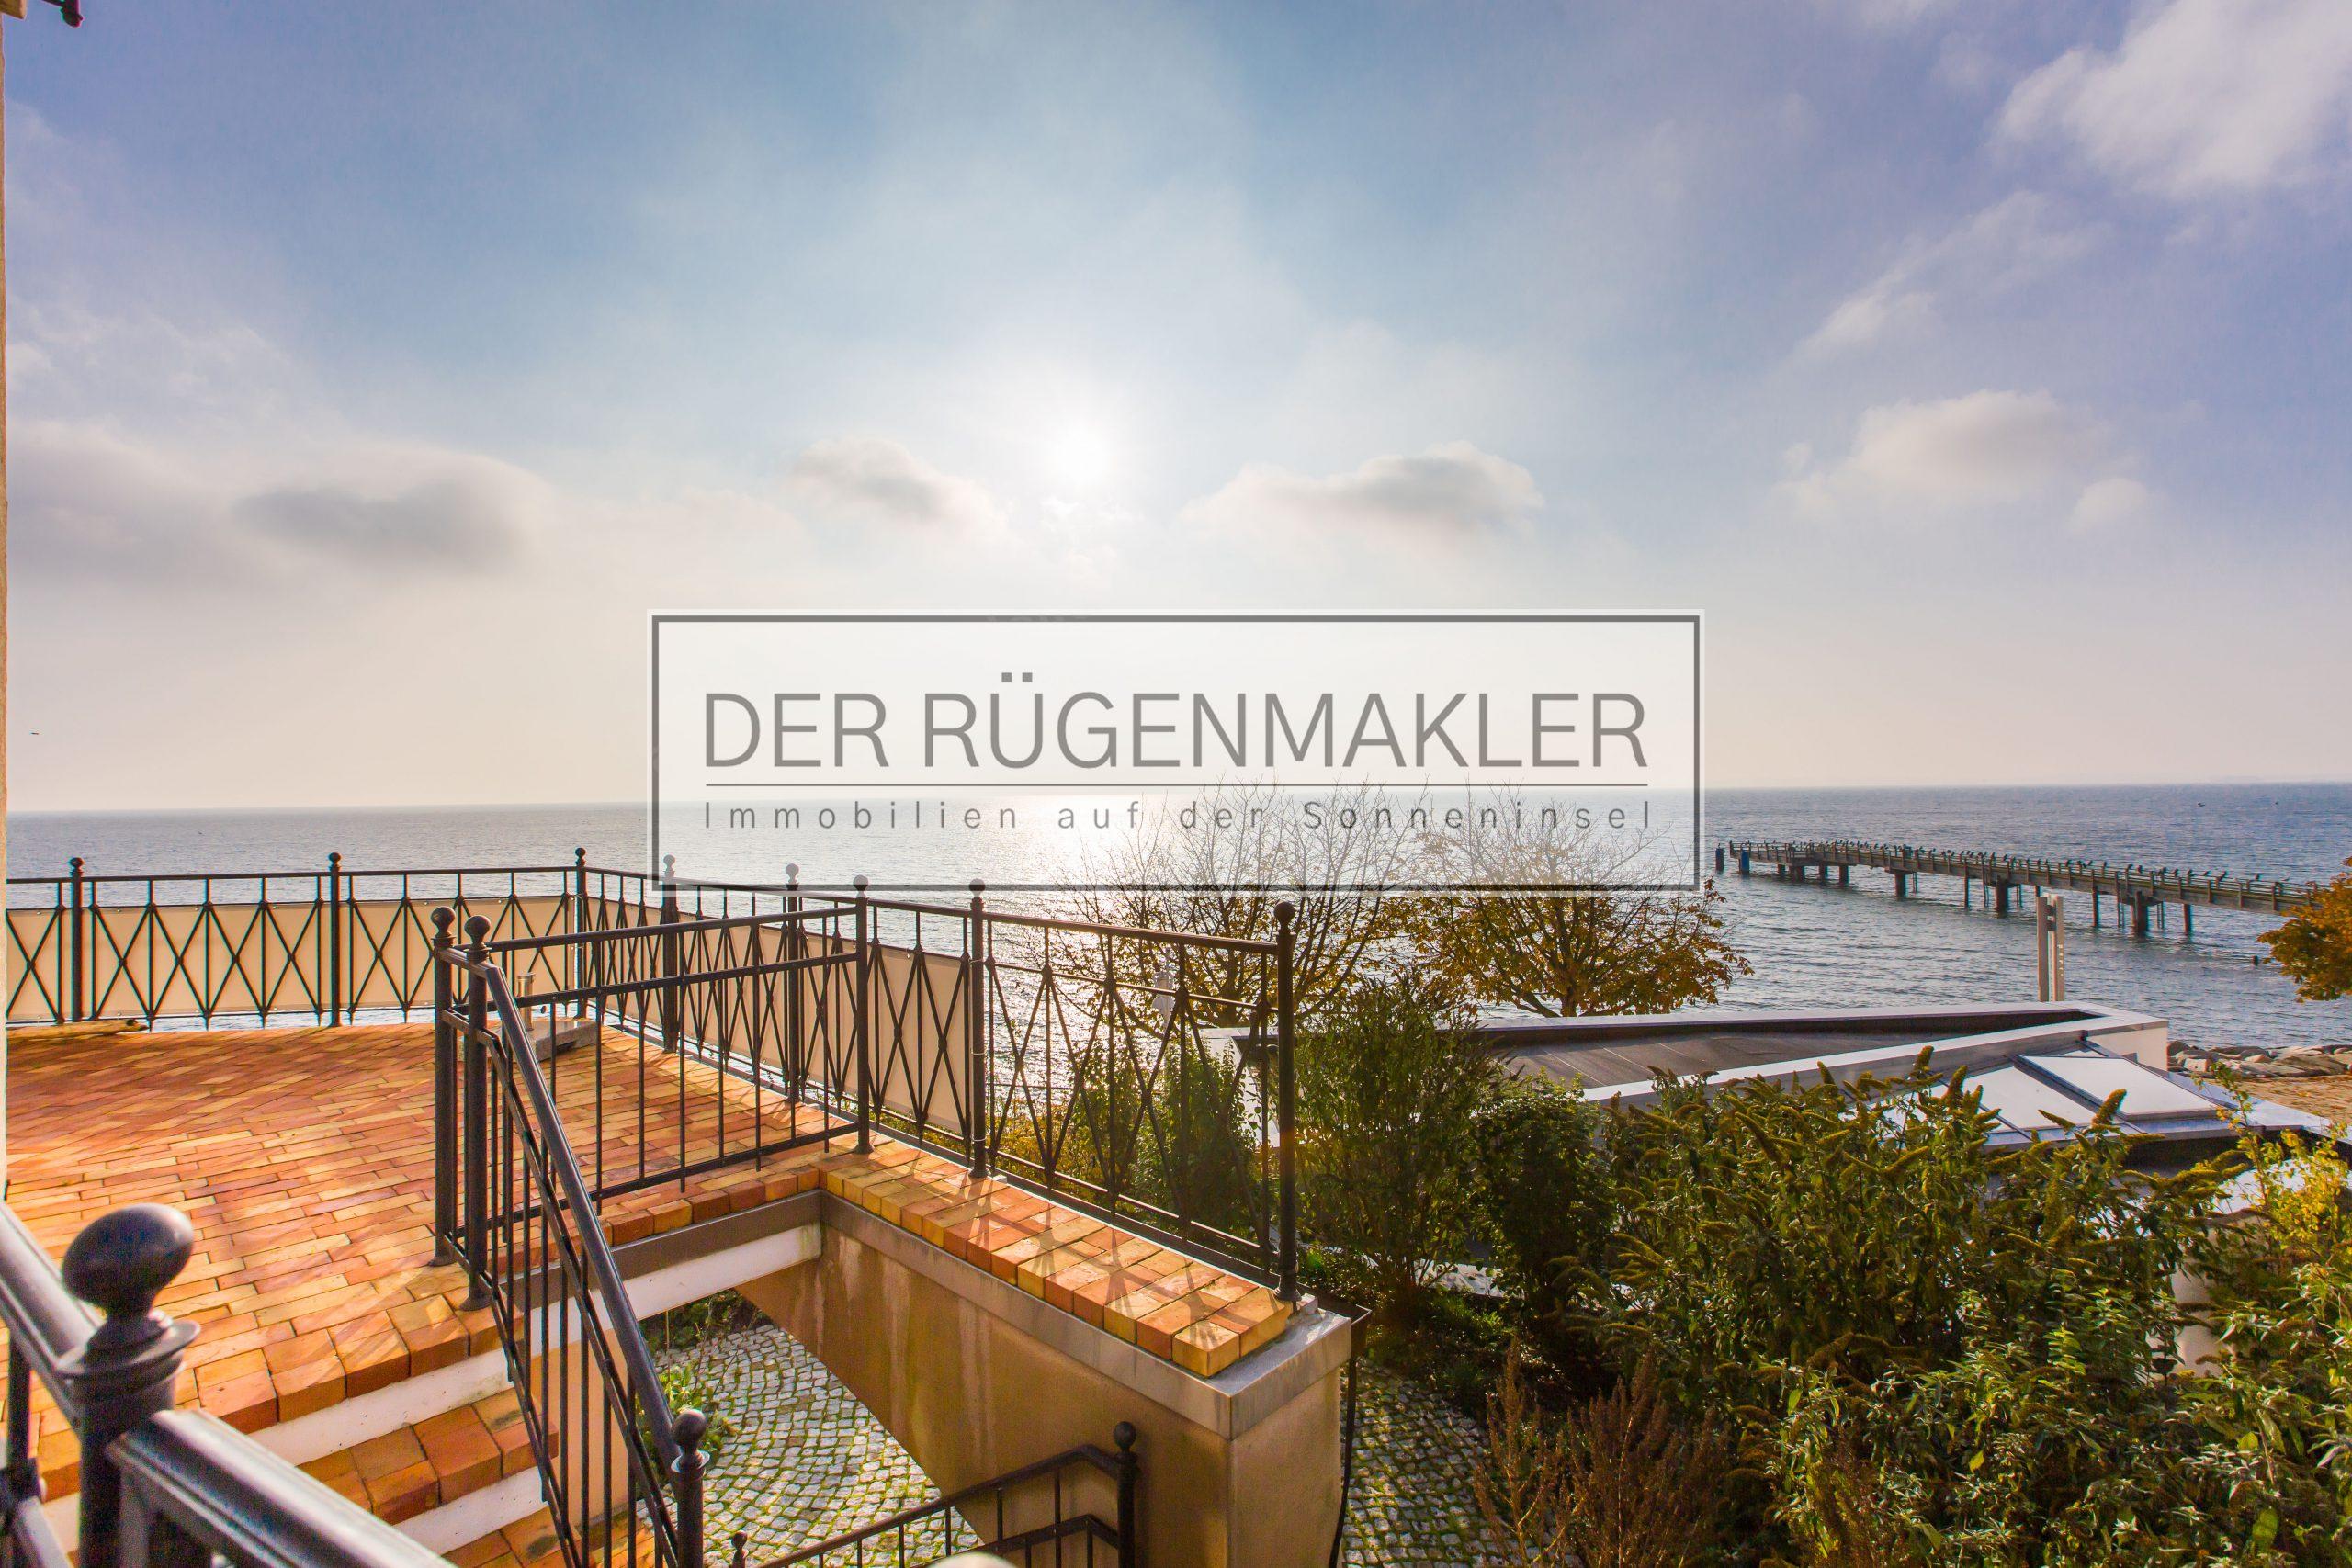 Ruegenmakler-sassnitz-ostsee